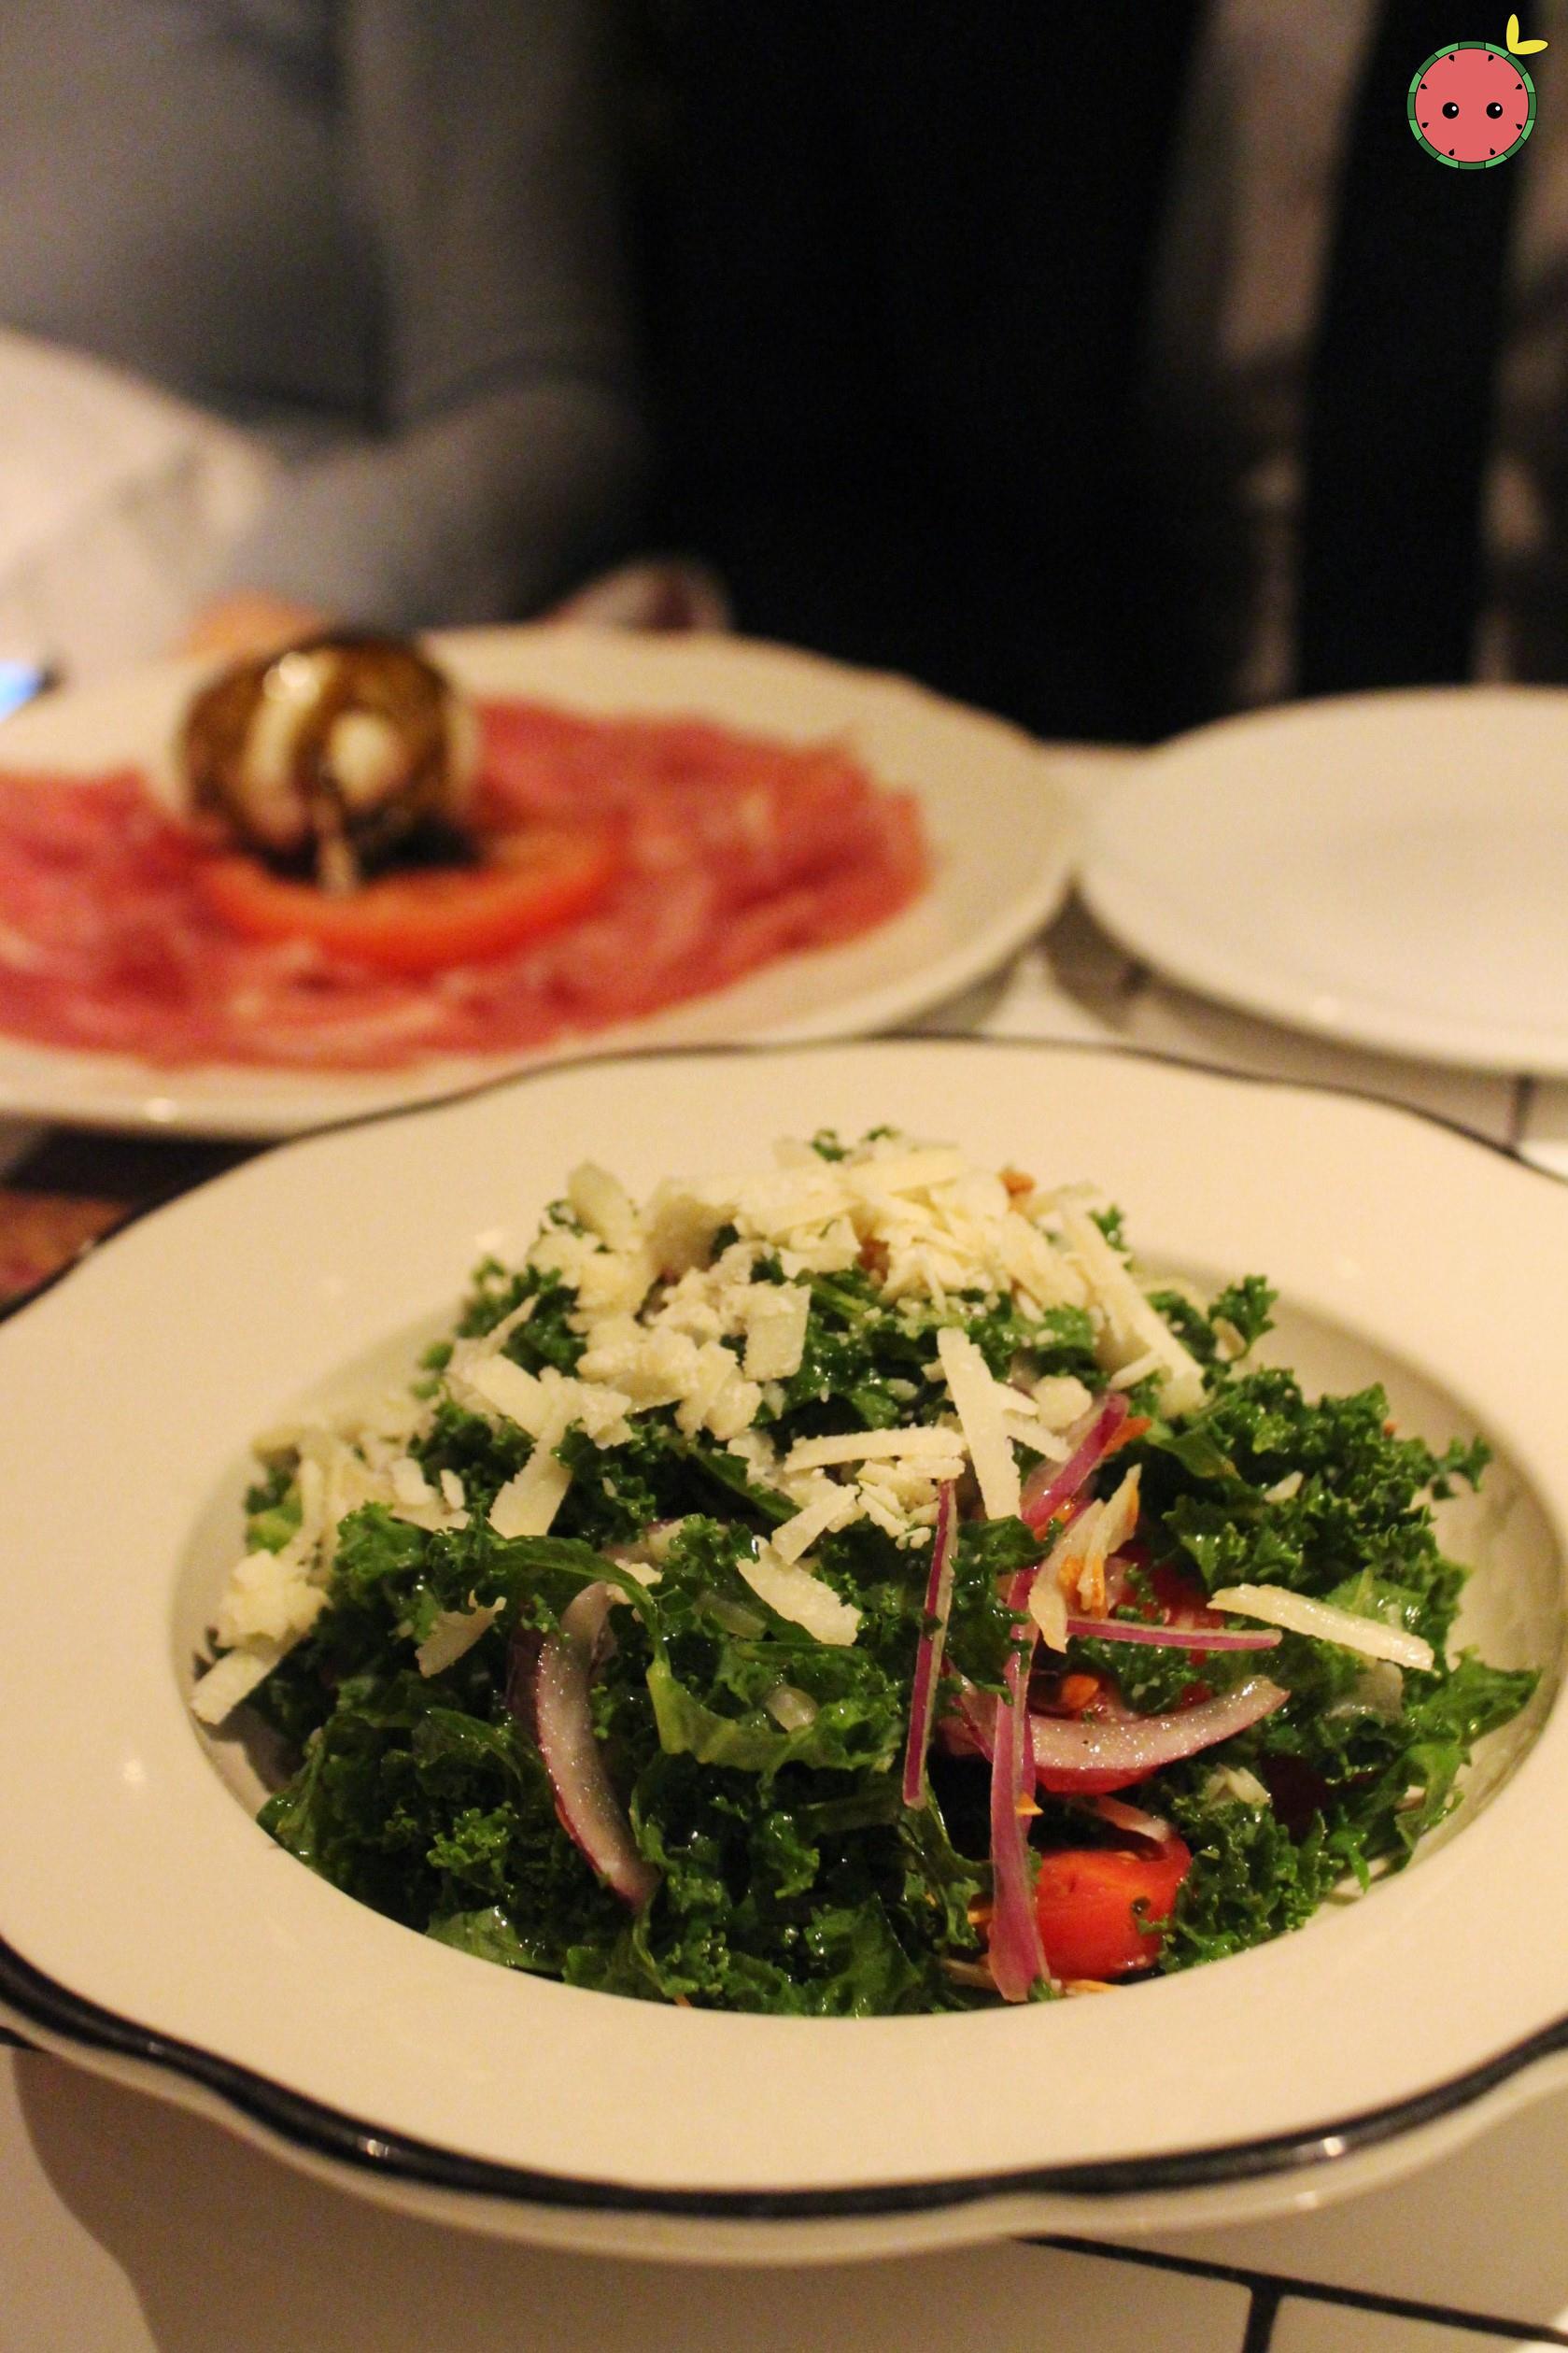 Pecorino e Kale - Pecorino, organic kale, lemon vinaigrette, almonds